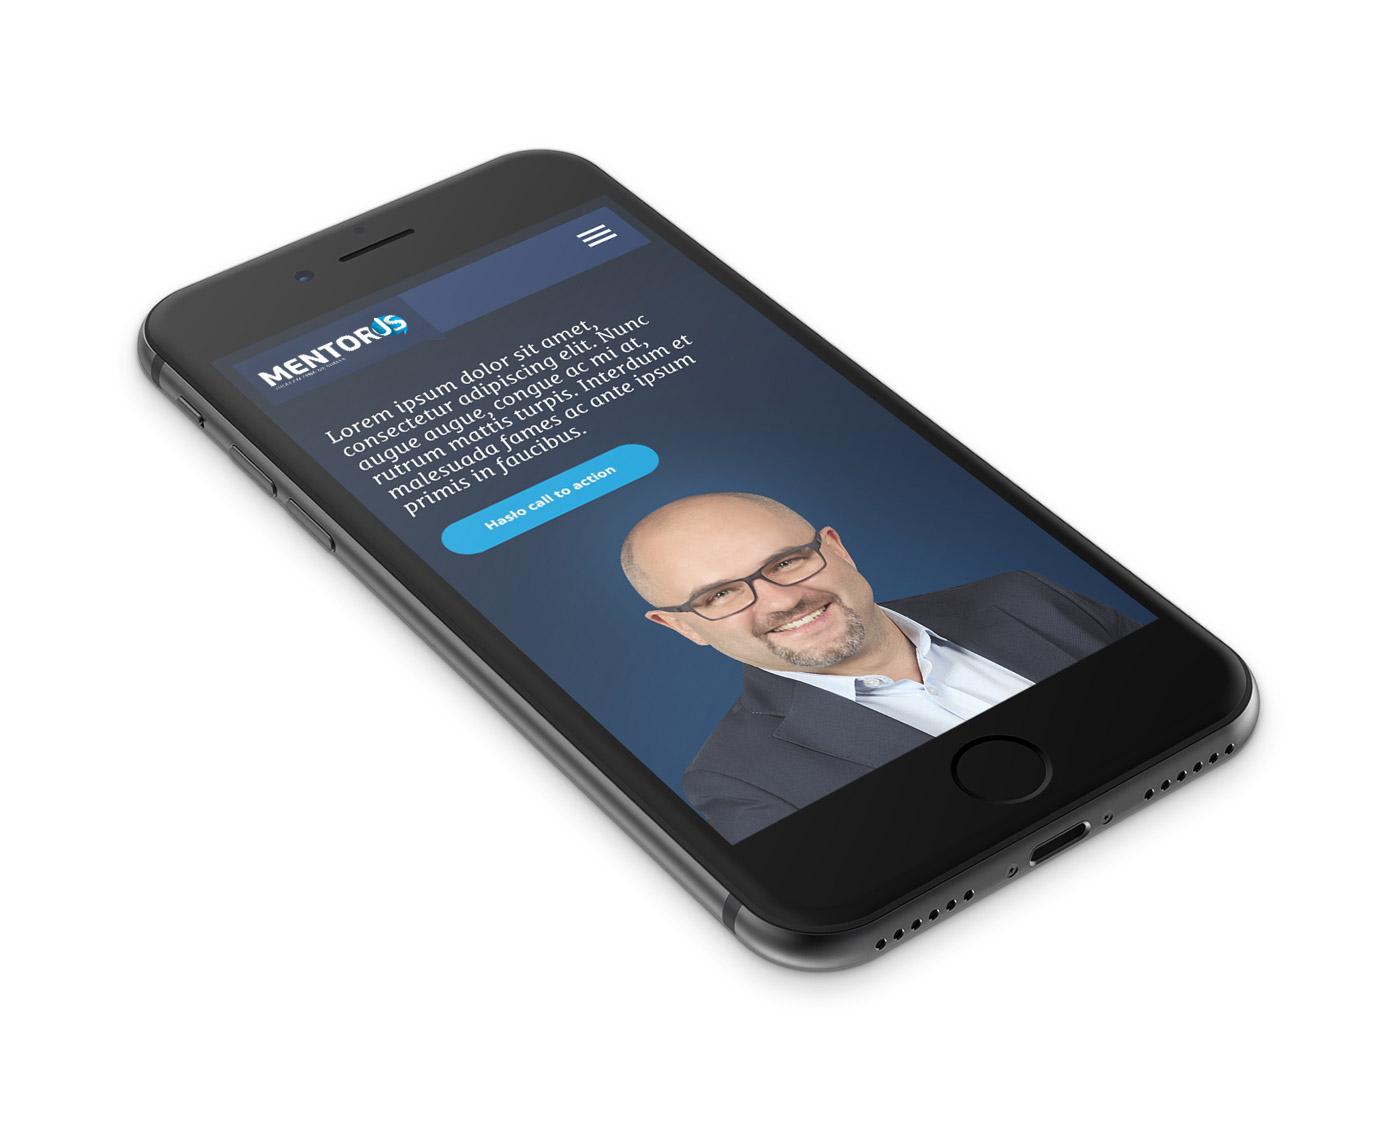 Mentorus - mobilna wersja responsywnej strony internetowej dot. mentoringu i coachingu